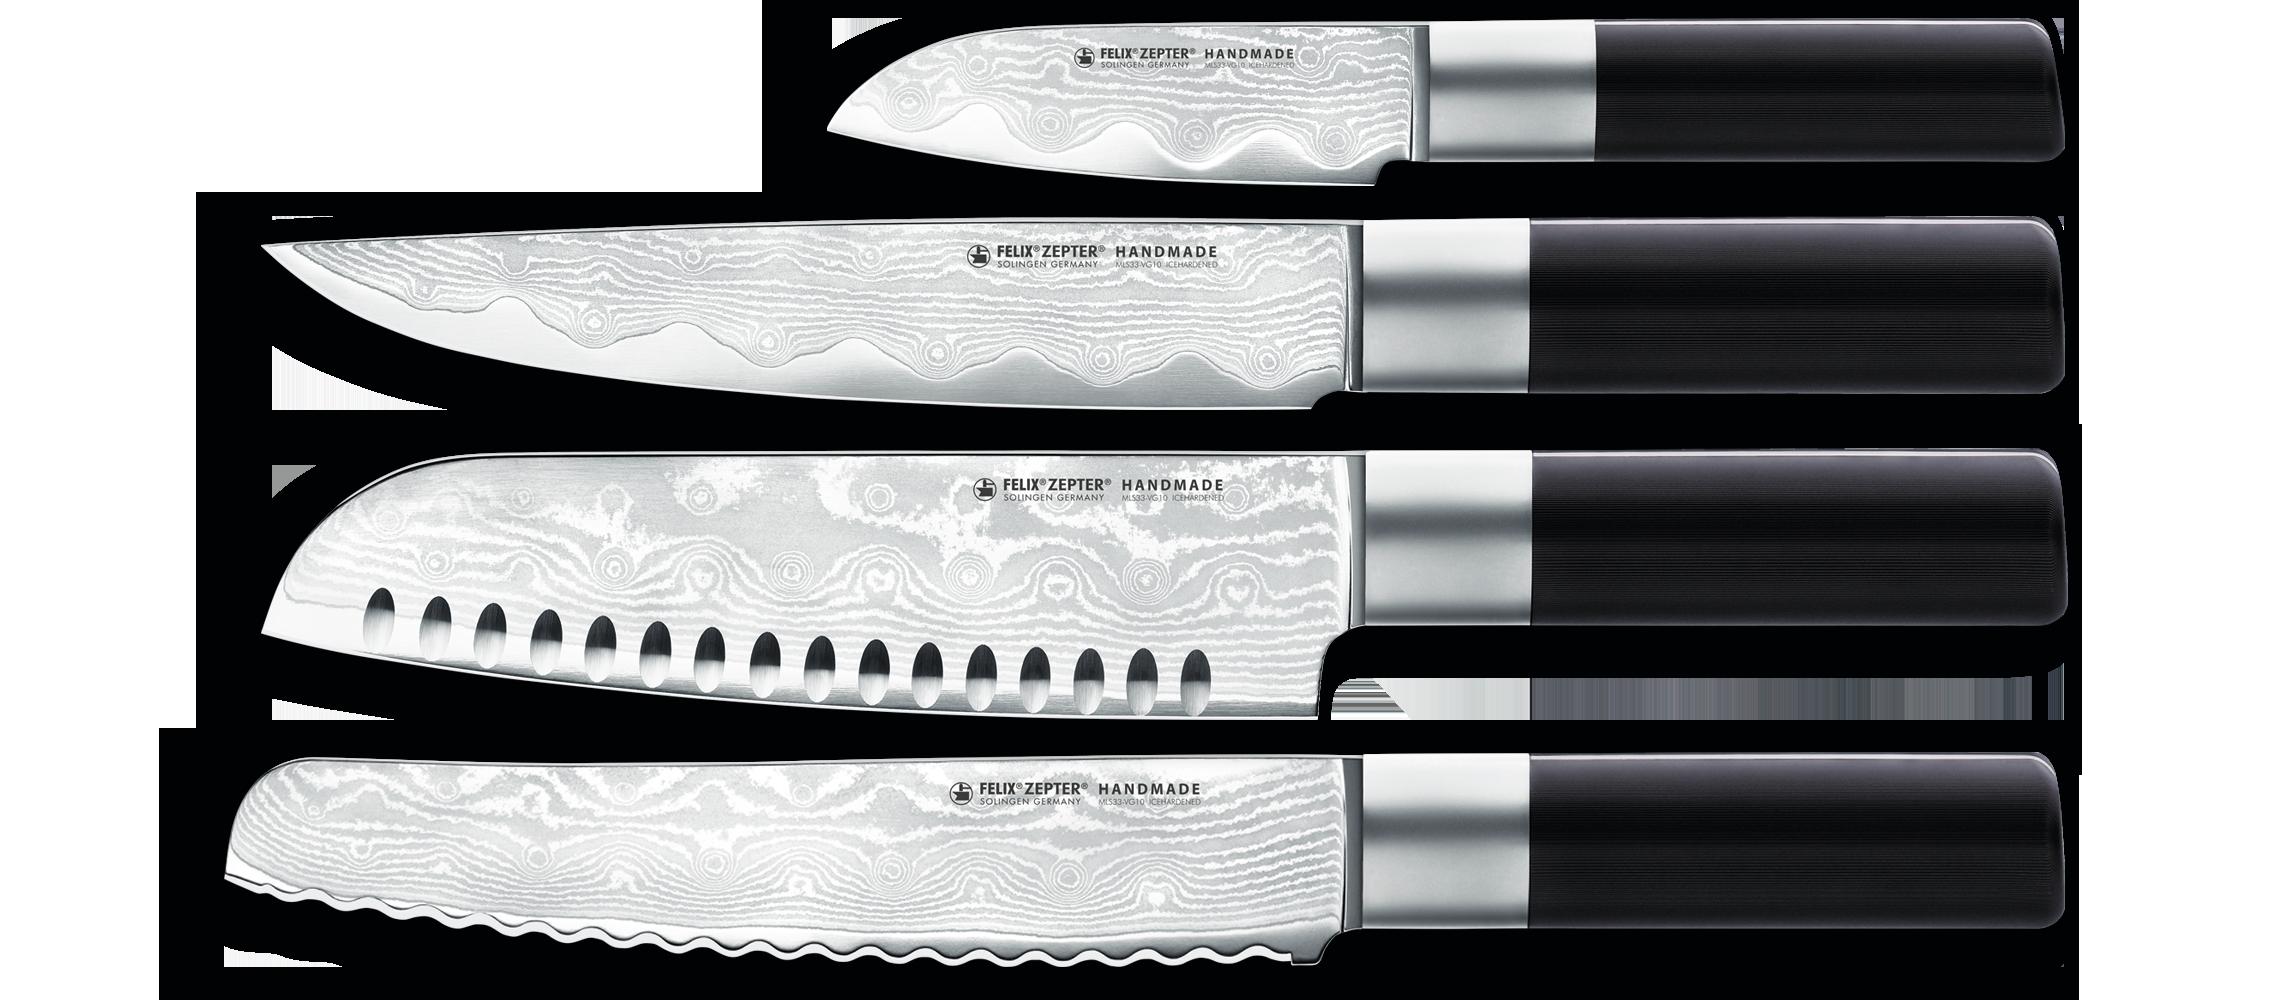 Messerset Für Köche ist nett ideen für ihr haus design ideen